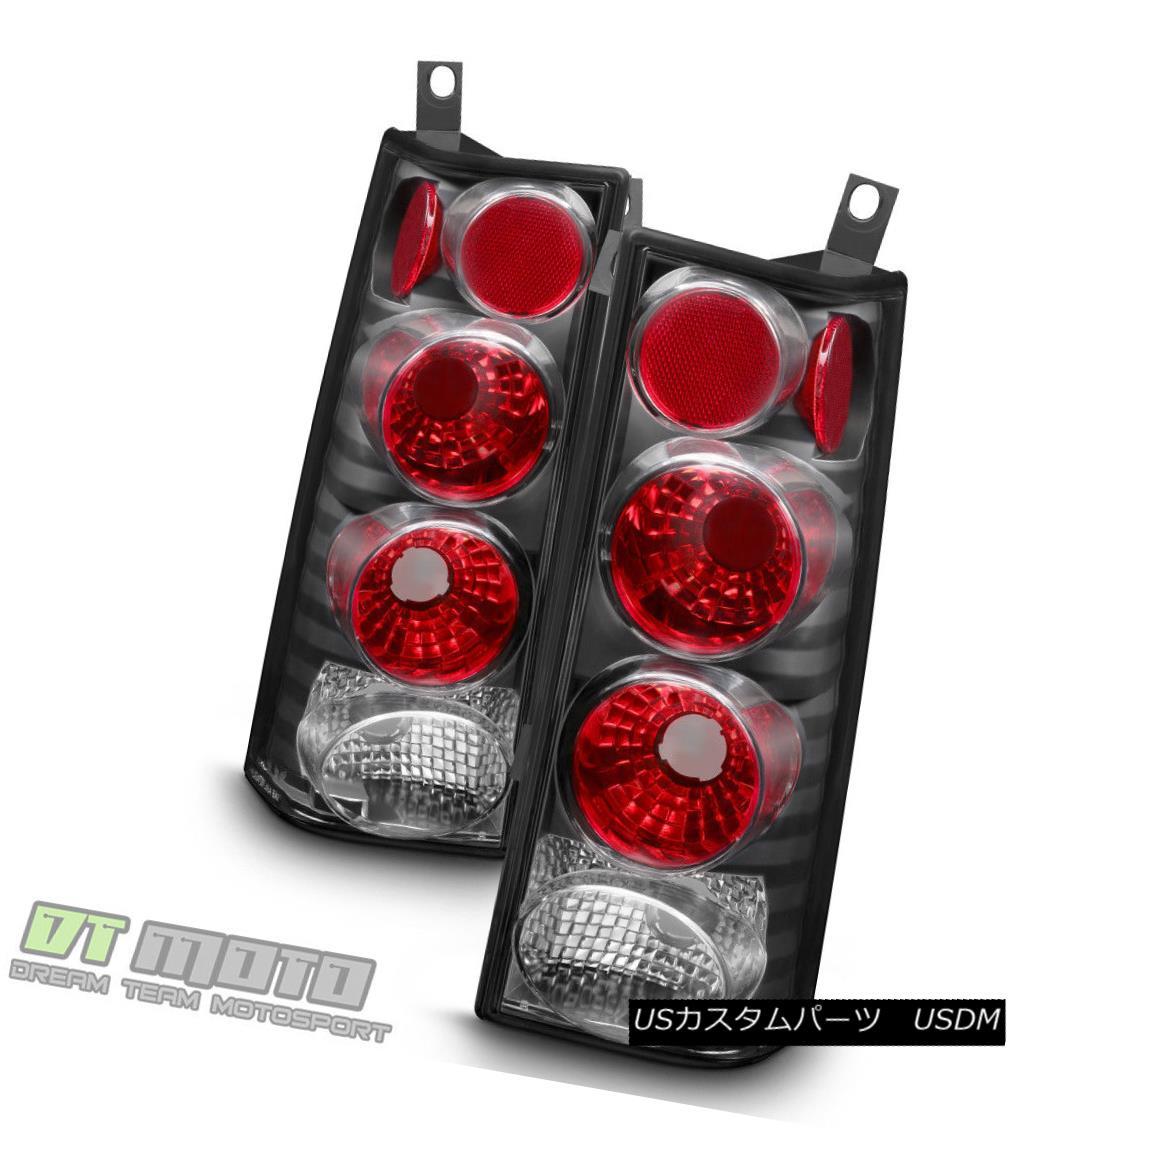 テールライト Black 2003-2015 Chevy Express/ GMC Savana Van Tail Light Brake Lamps Left+Right ブラック2003-2015シボレーエクスプレス/ GMCサバナヴァンテールライトブレーキランプ左+右